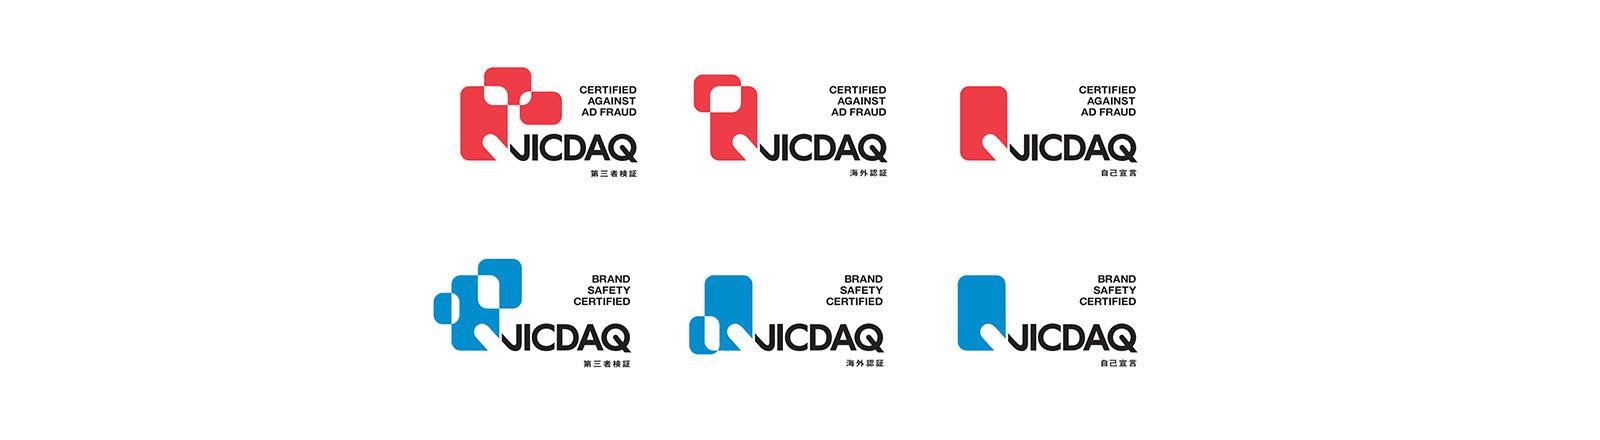 JICDAQ 、現時点で 74社 が「事業者登録」を申請中:「認証」の付与は10月以降 | DIGIDAY[日本版]